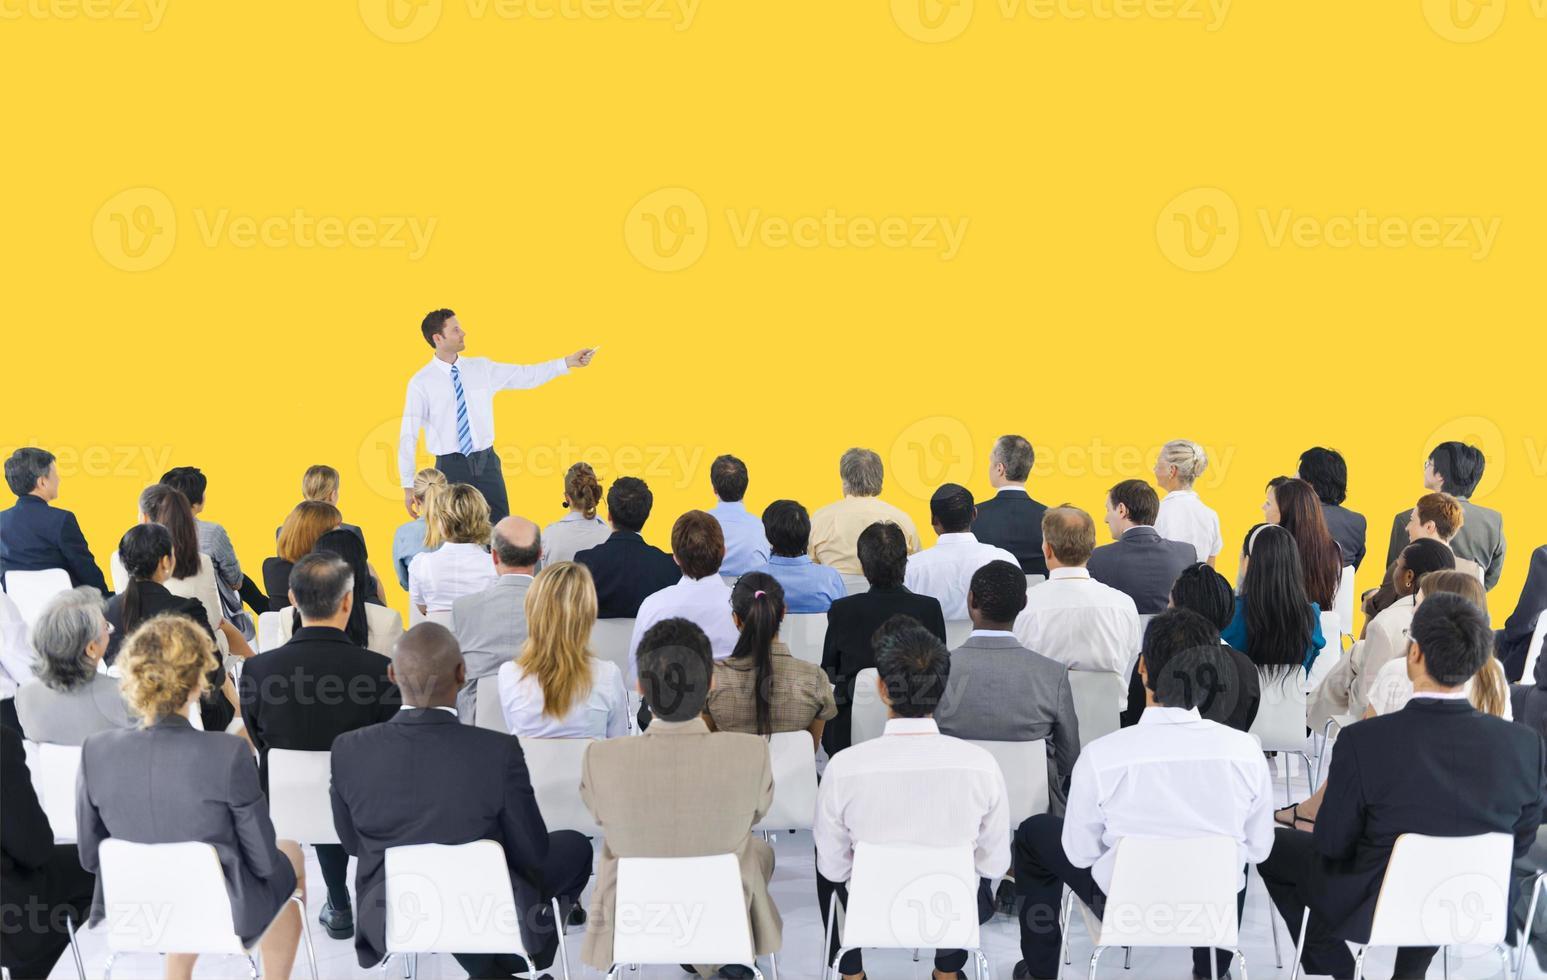 Les gens d'affaires séminaire conférence réunion concept de présentation photo